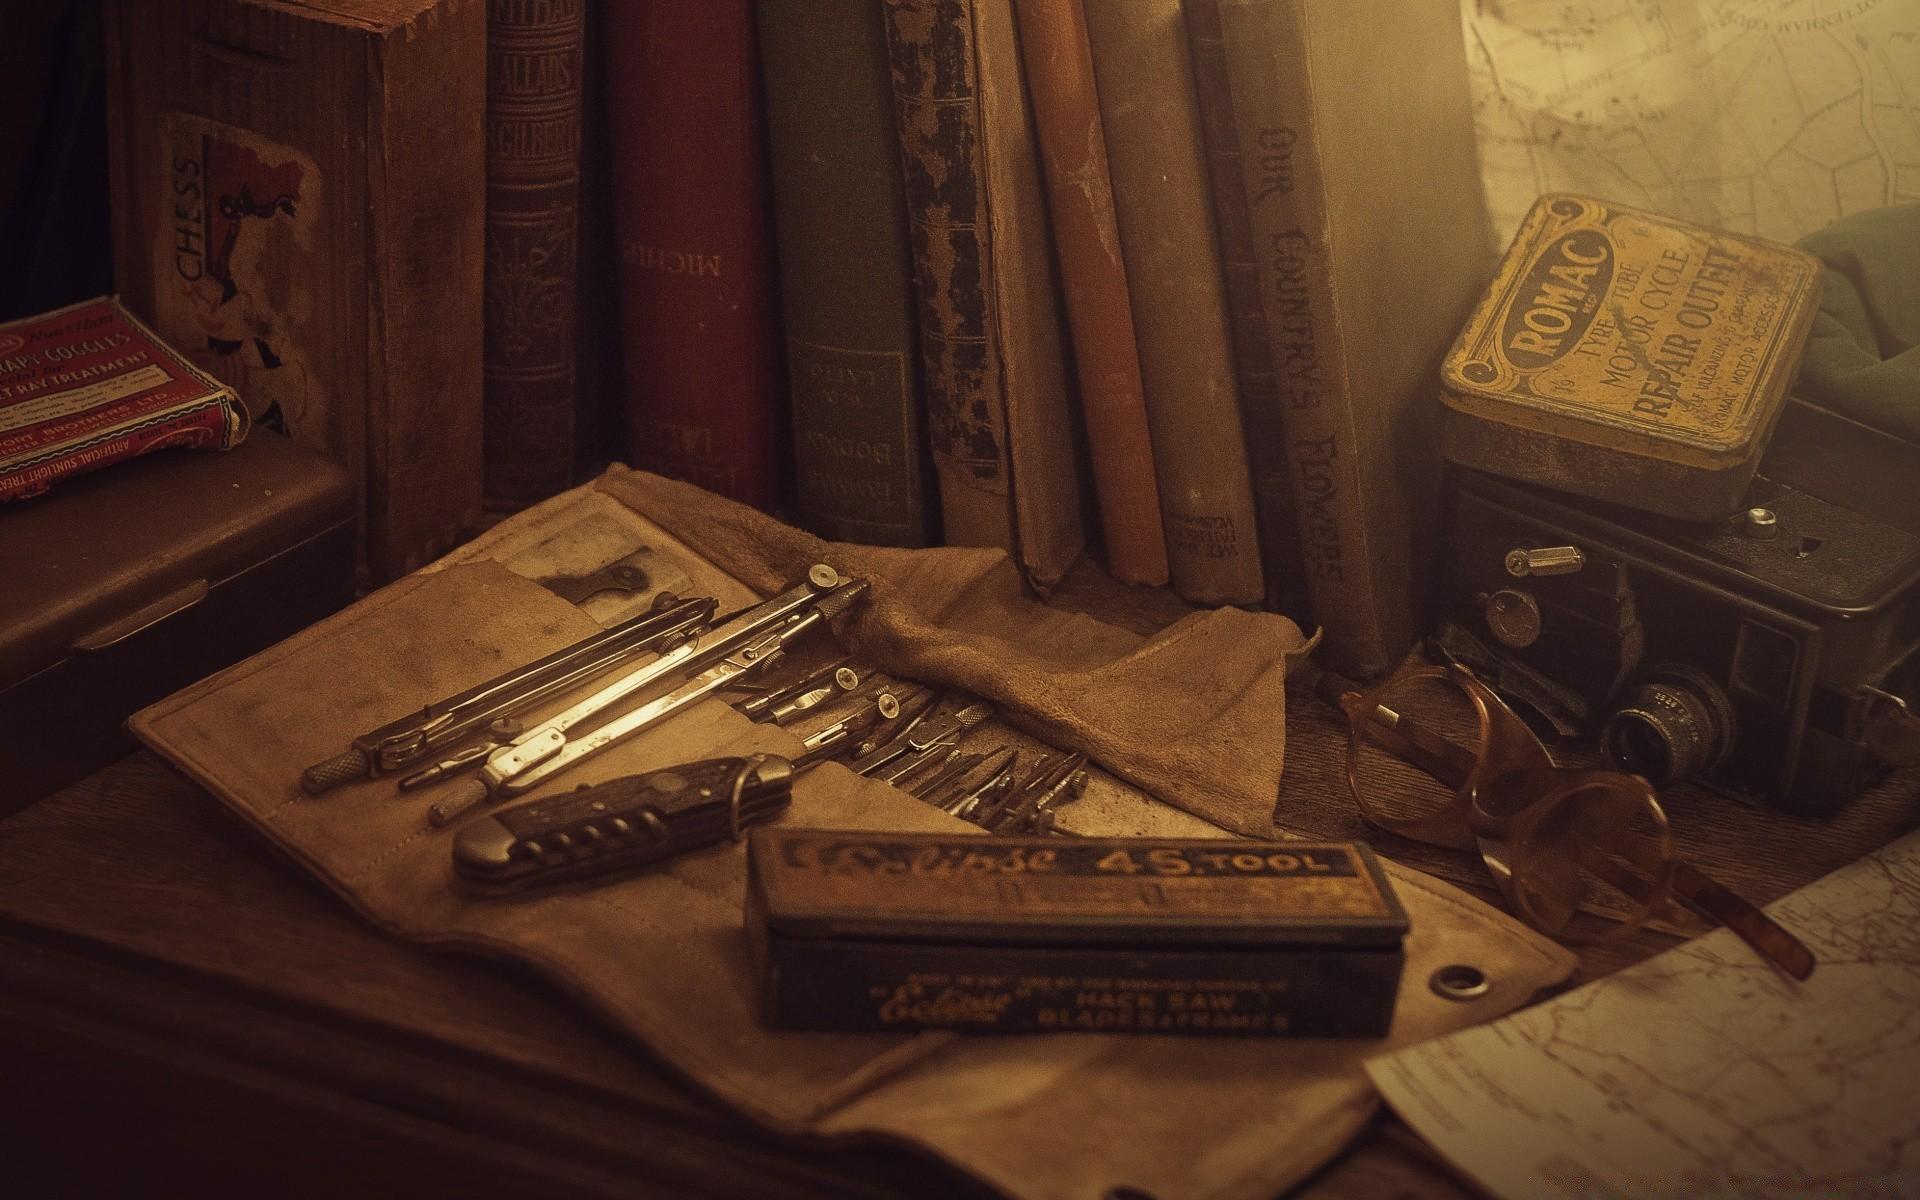 появляться красивые картинки старинных книг на рабочий стол договоре